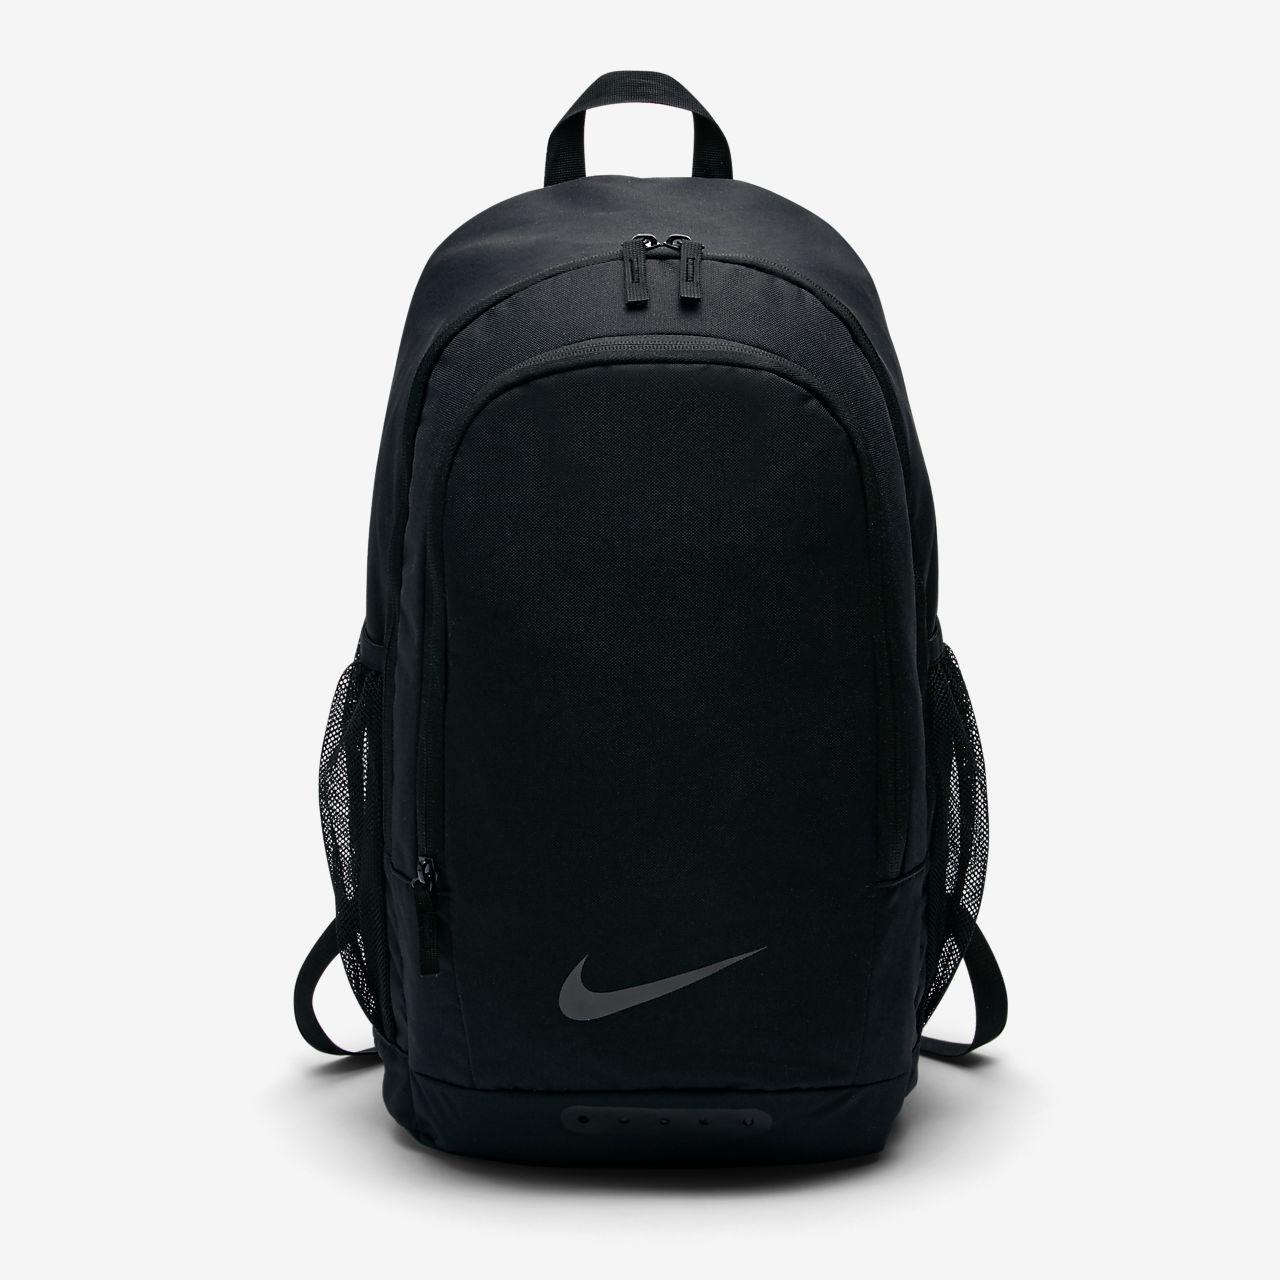 33c705e75 Mochila de fútbol Nike Academy. Nike.com CL